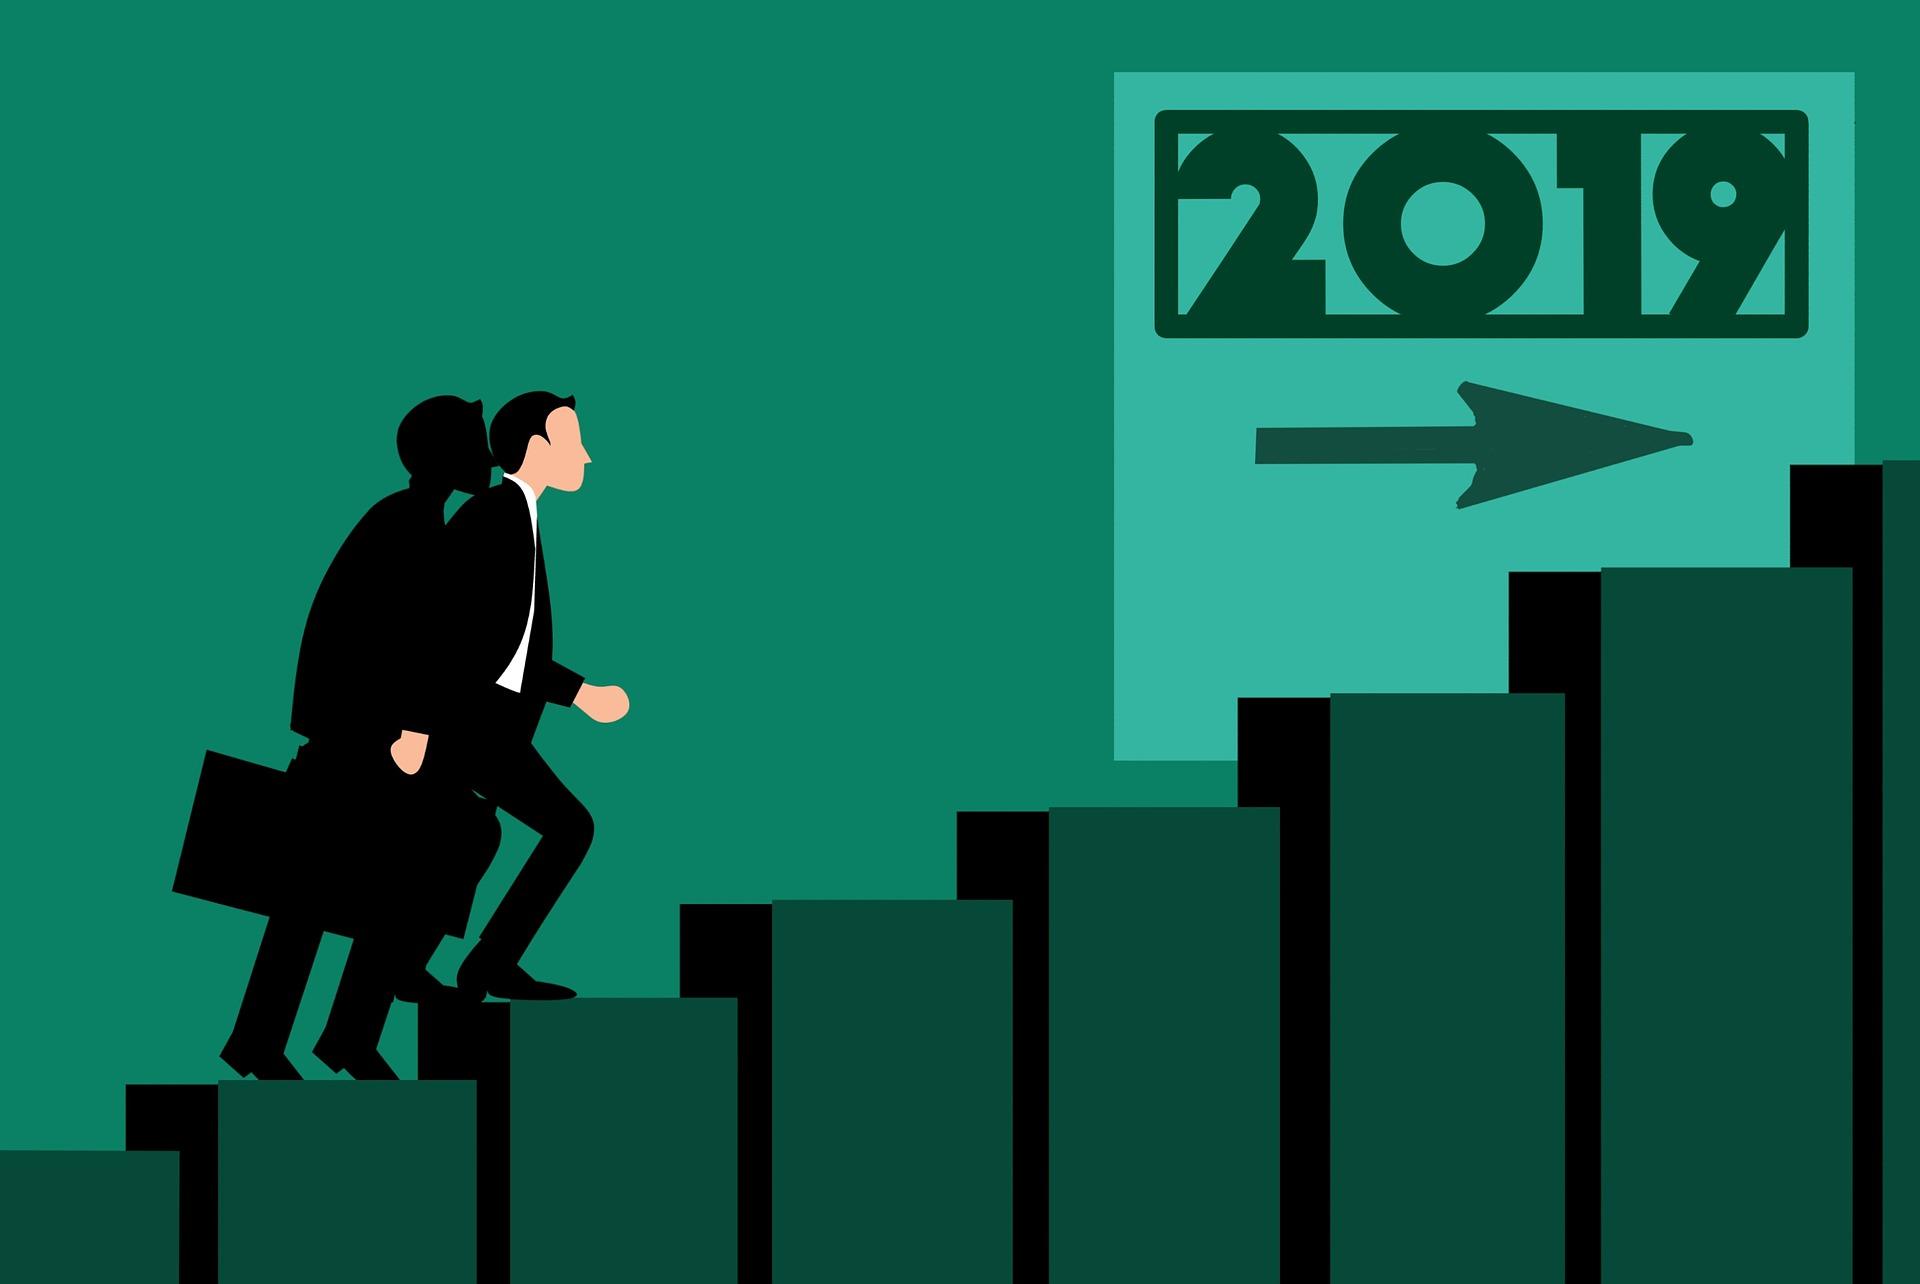 resolutions for Entrepreneurs